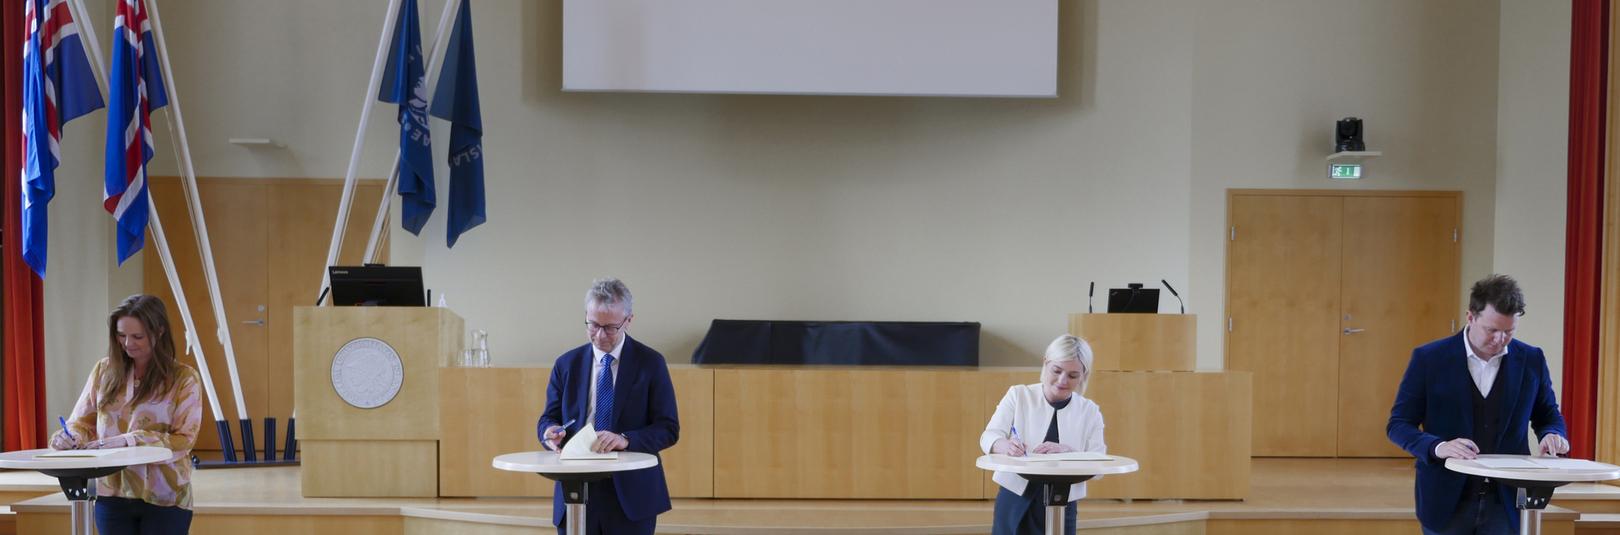 Árangur og áhugahvöt - kveikjum neistann! - á vefsíðu Háskóla Íslands